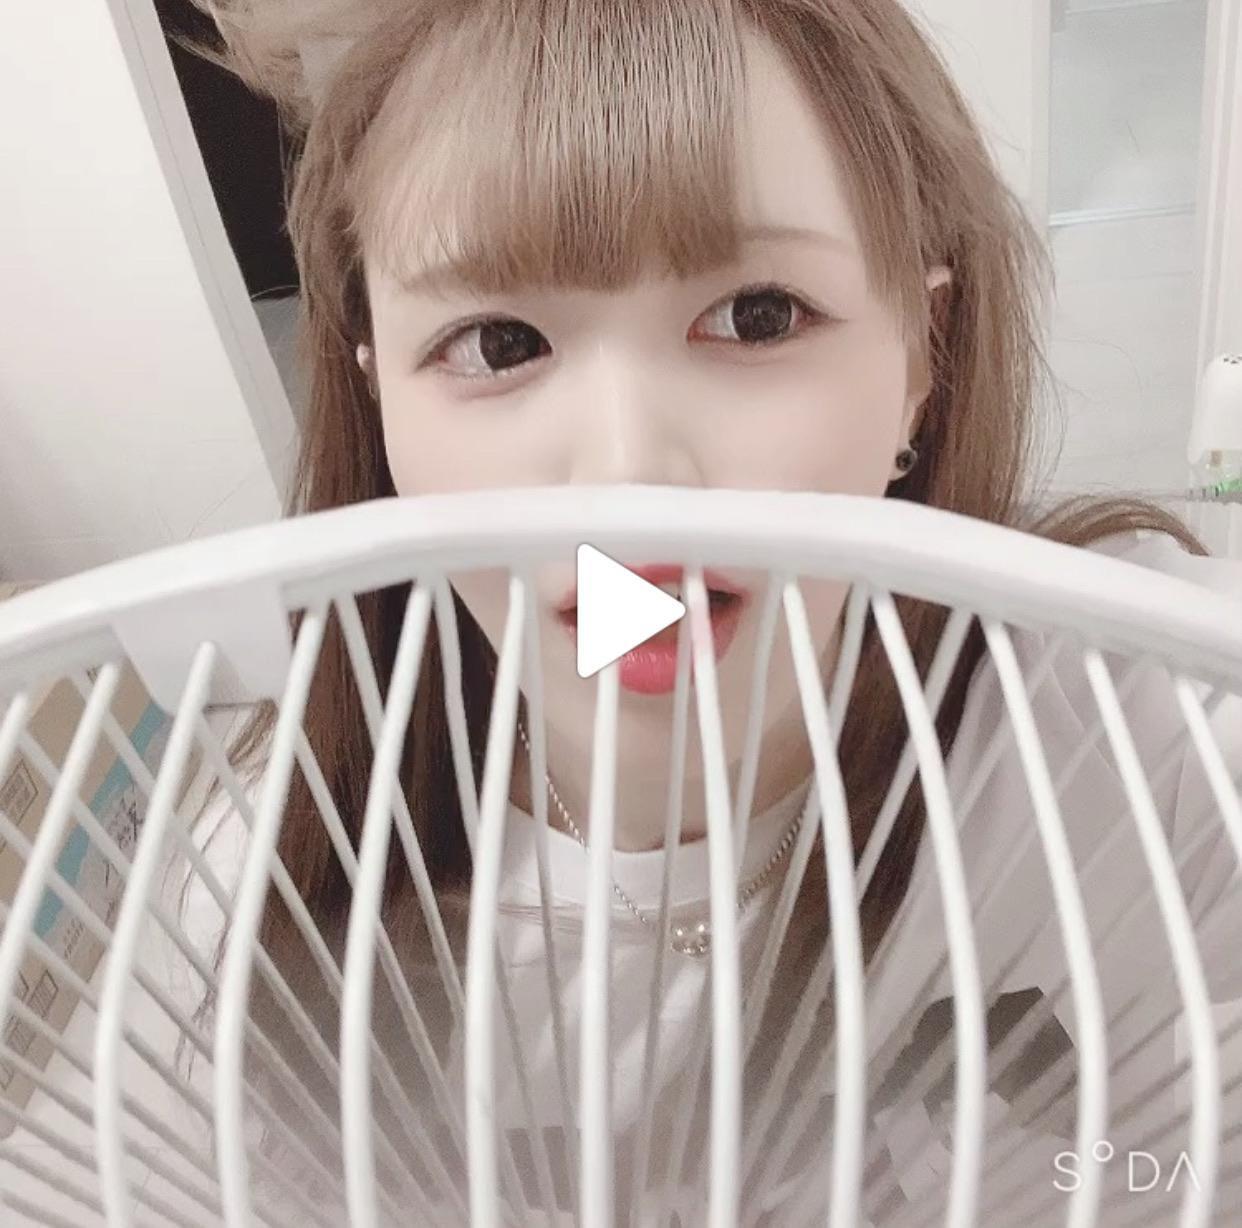 「あ゛ぁぁぁぁ」07/07(07/07) 22:41   あおいの写メ・風俗動画